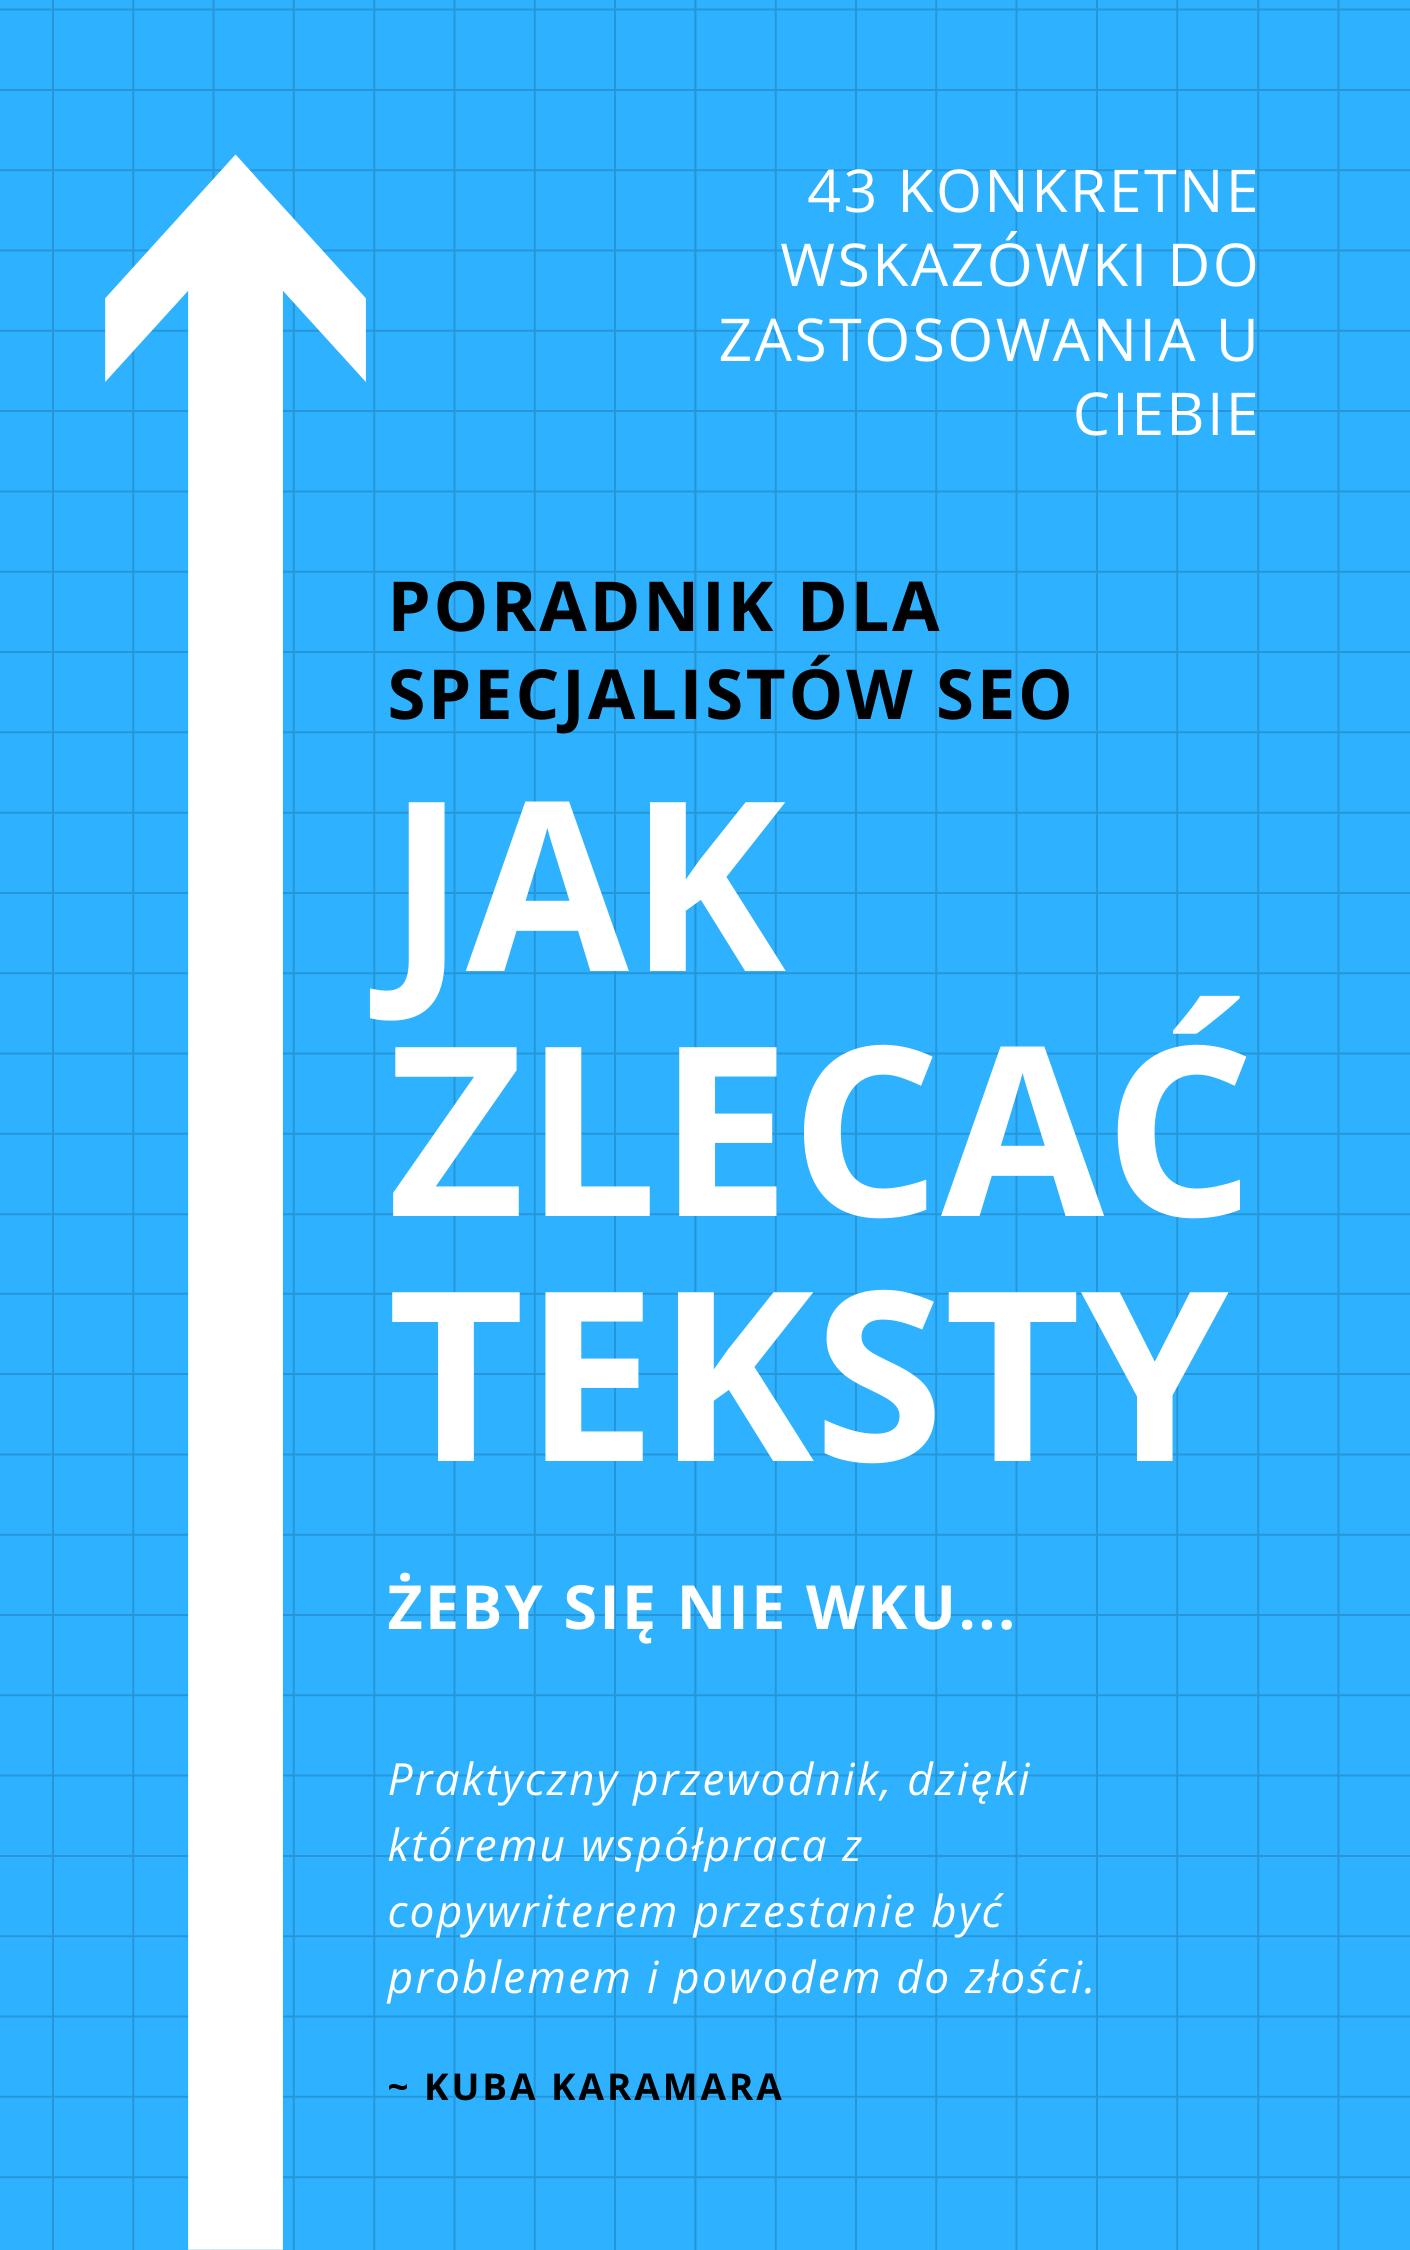 Jak zlecać teksty copywriterom - darmowy ebook dla specjalistów SEO do pobrania